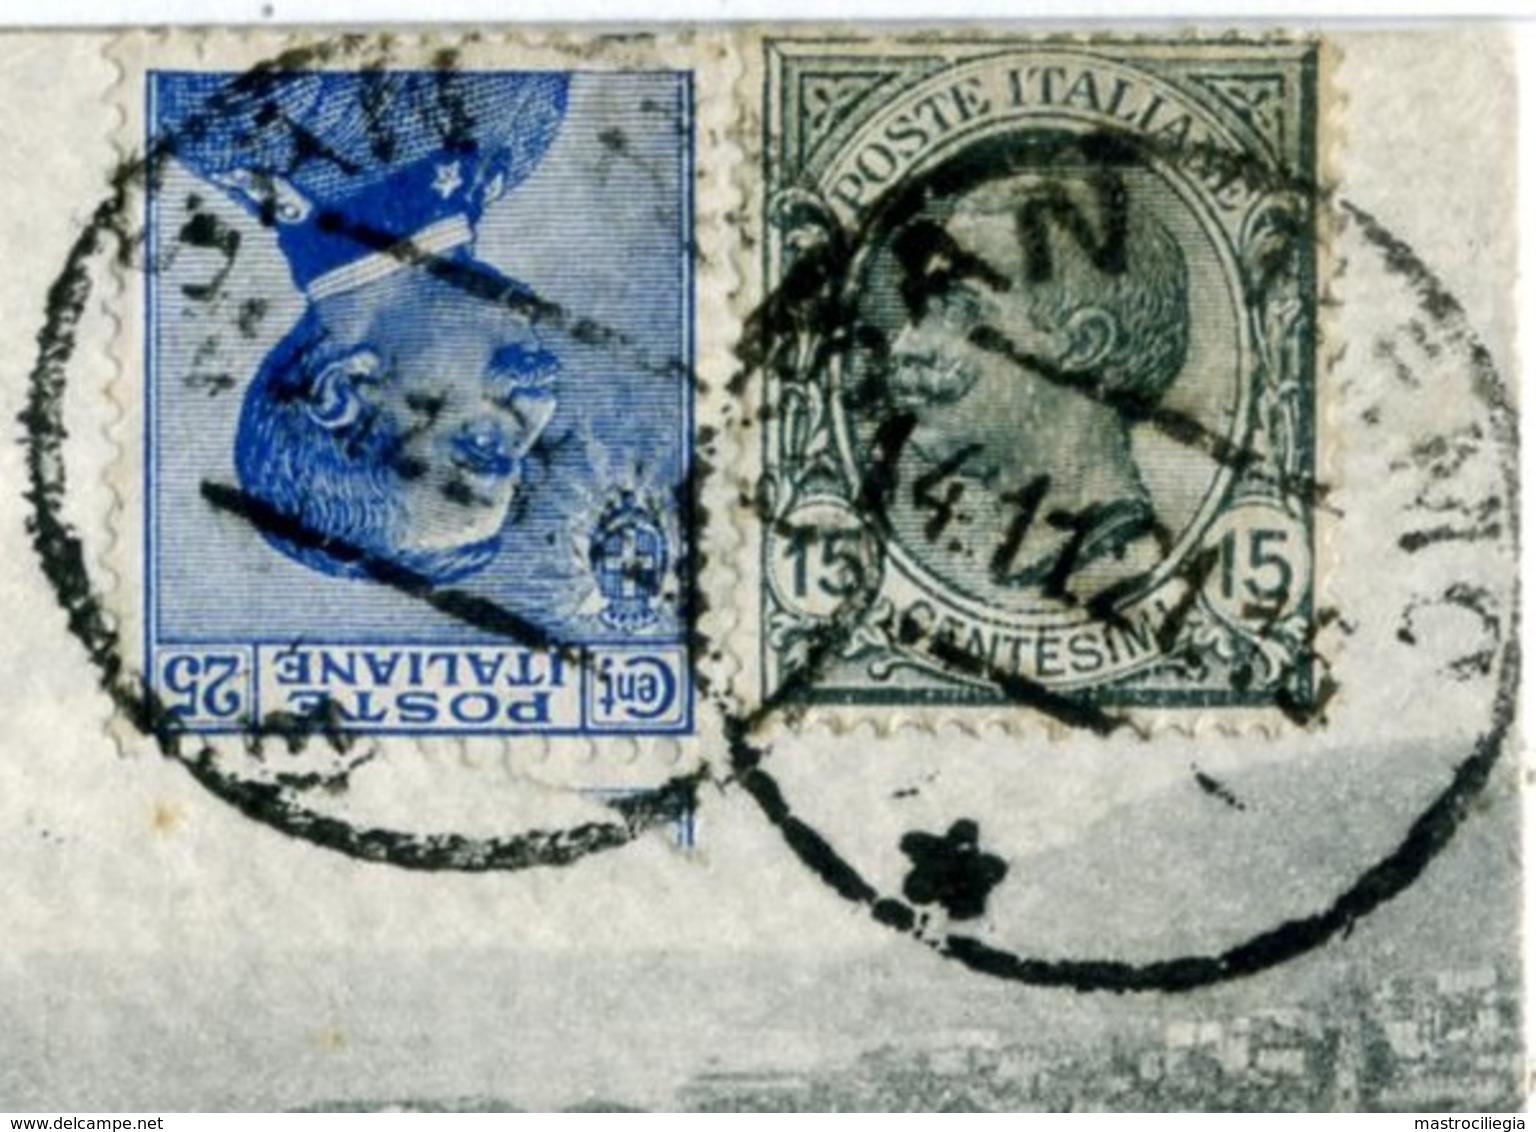 MICHETTI Cent 25 Azzurro + LEONI Cent 15 Su Cartolina Sanremo Per Saint-Héand Francia - Storia Postale